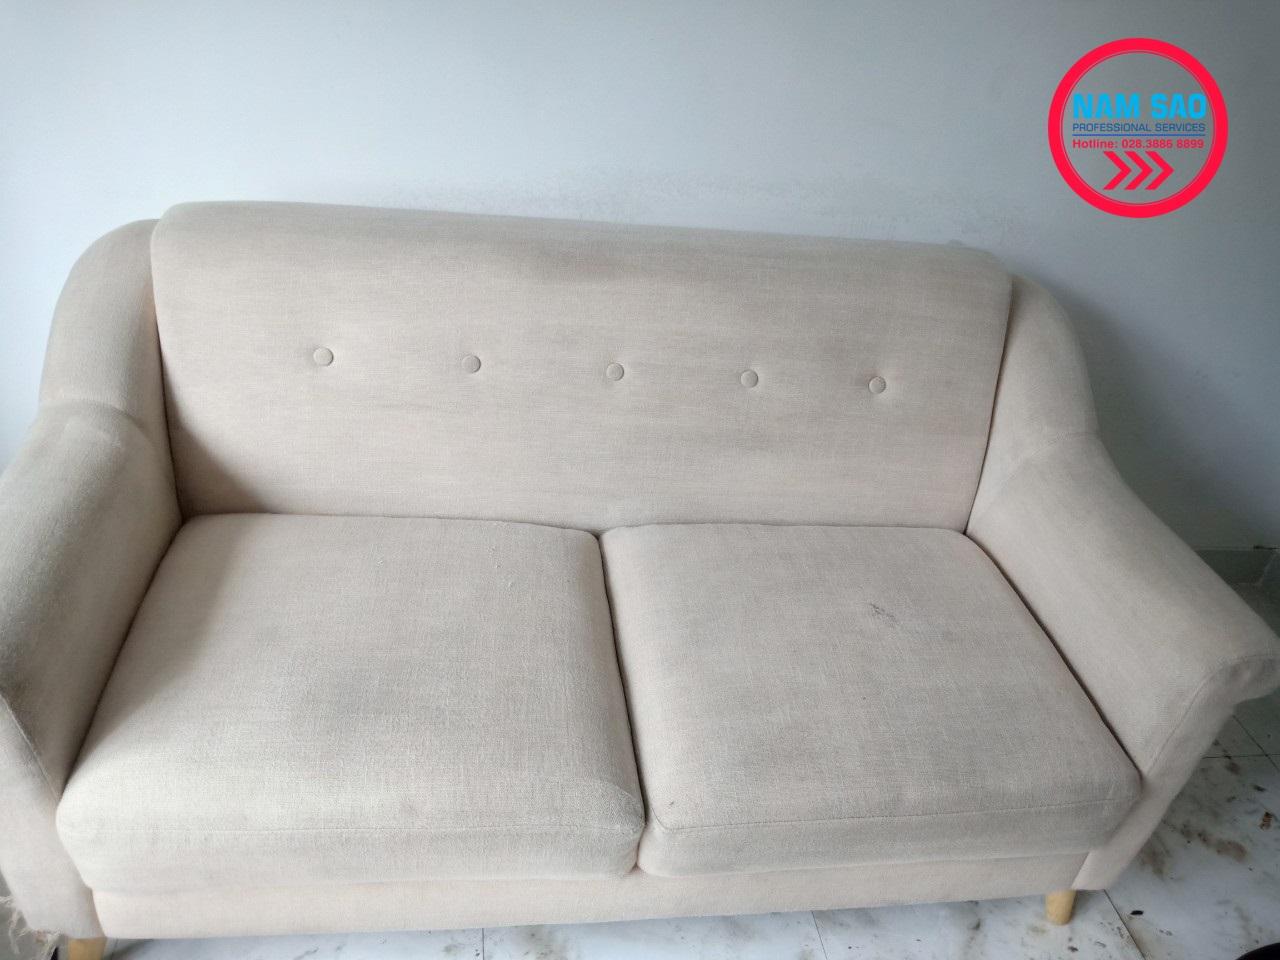 Dịch vụ giặt ghế sofa tại nhà Quận 1 Năm Sao